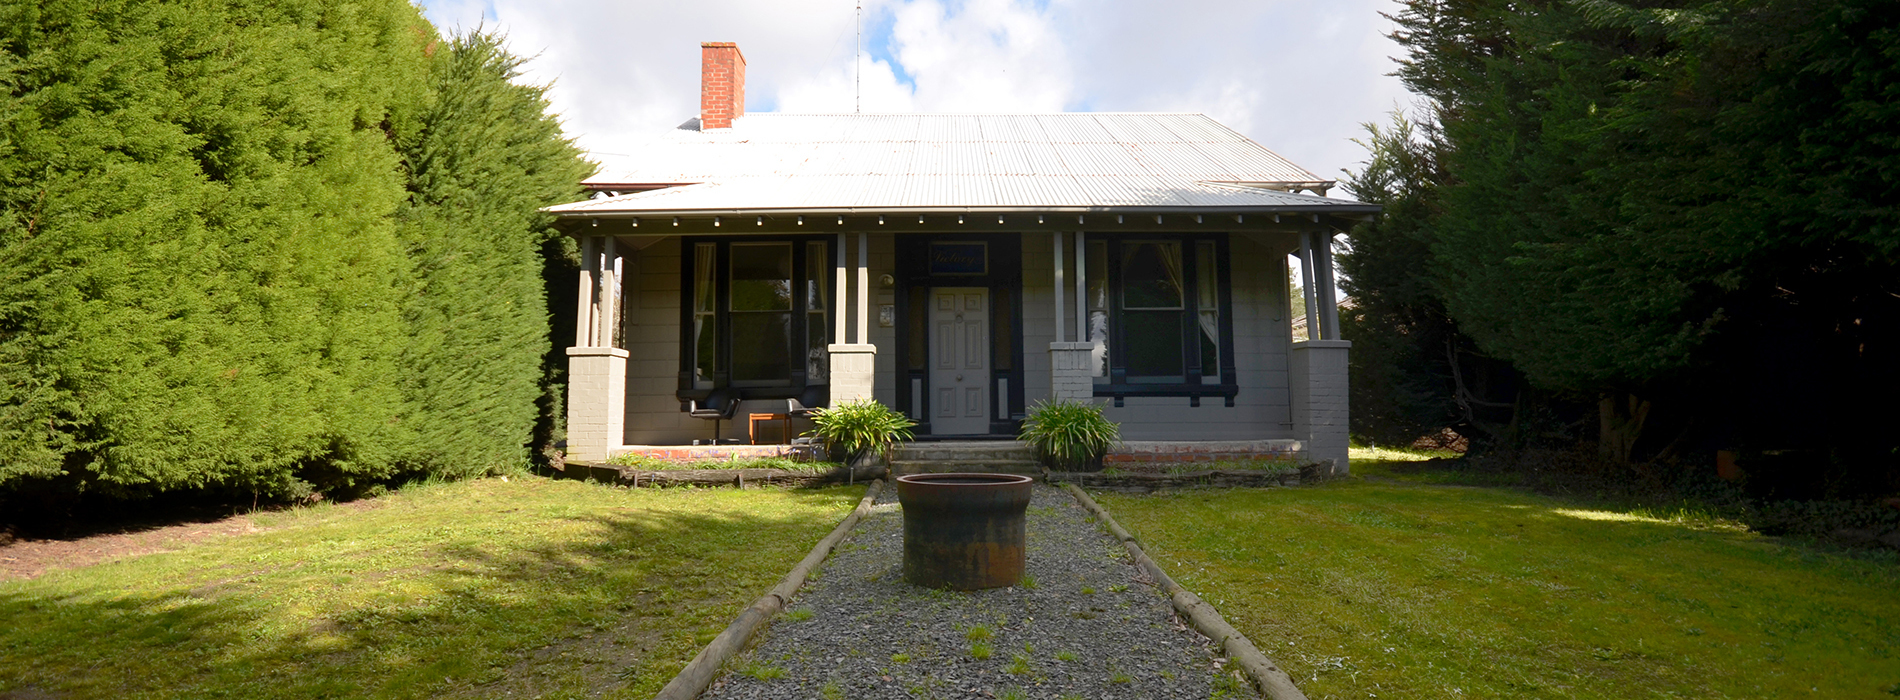 742 Geelong Road, Ballarat